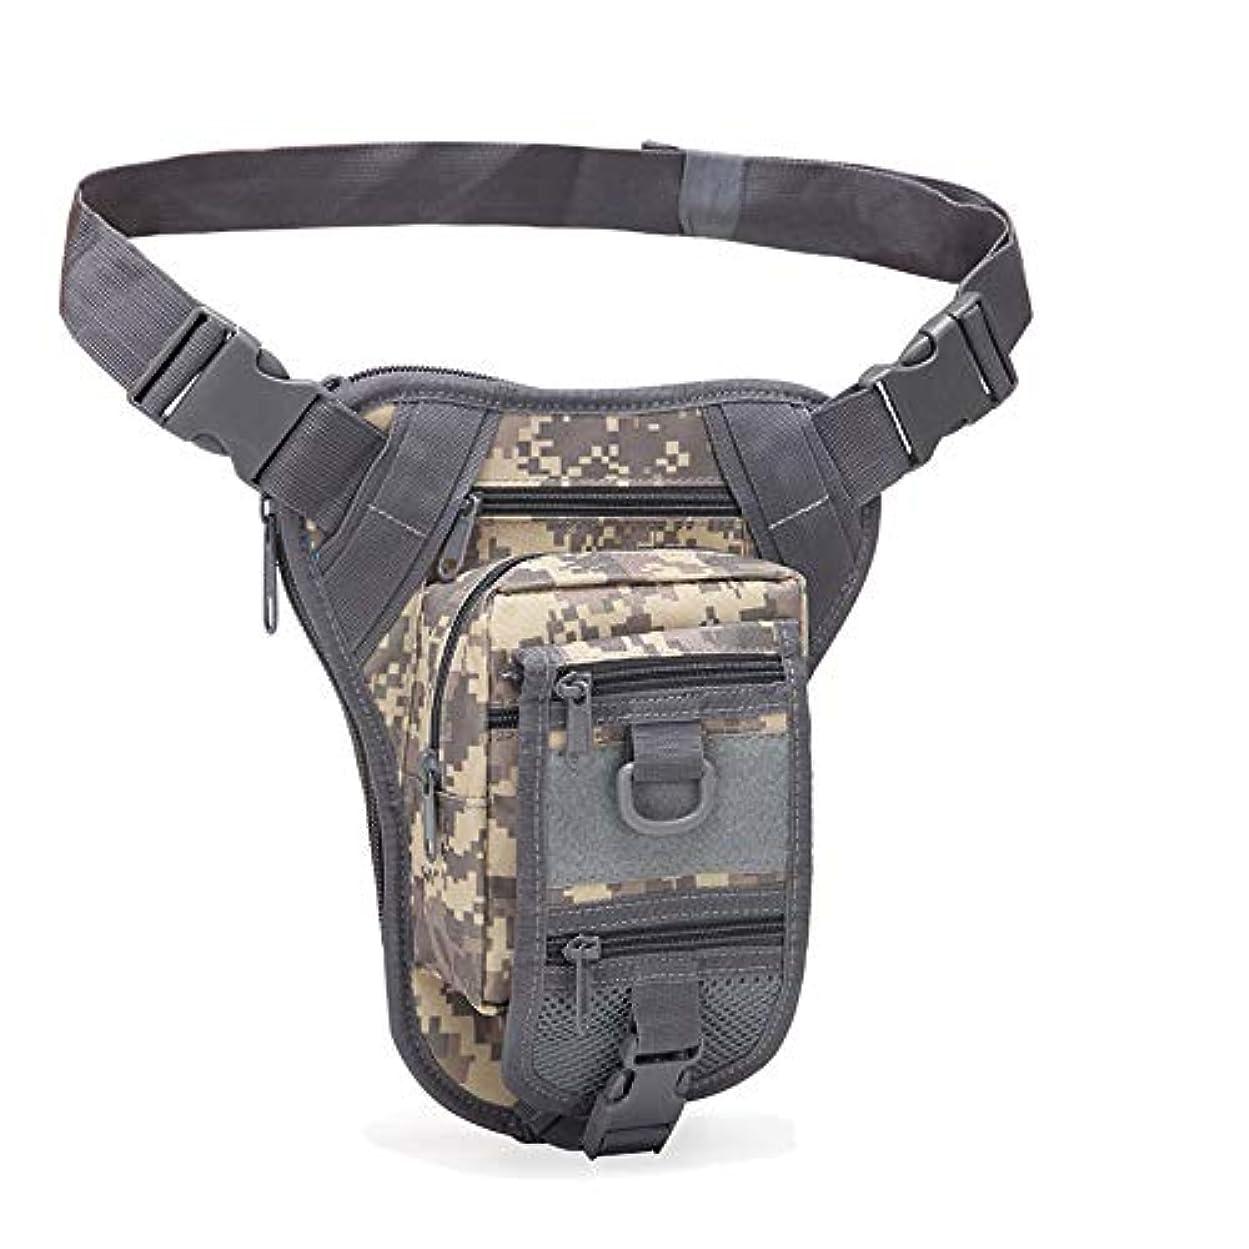 期待するラグ抜け目のないOutdoor Tactical Bag Assault Combat Camouflage Tactical Molle Leg Pack